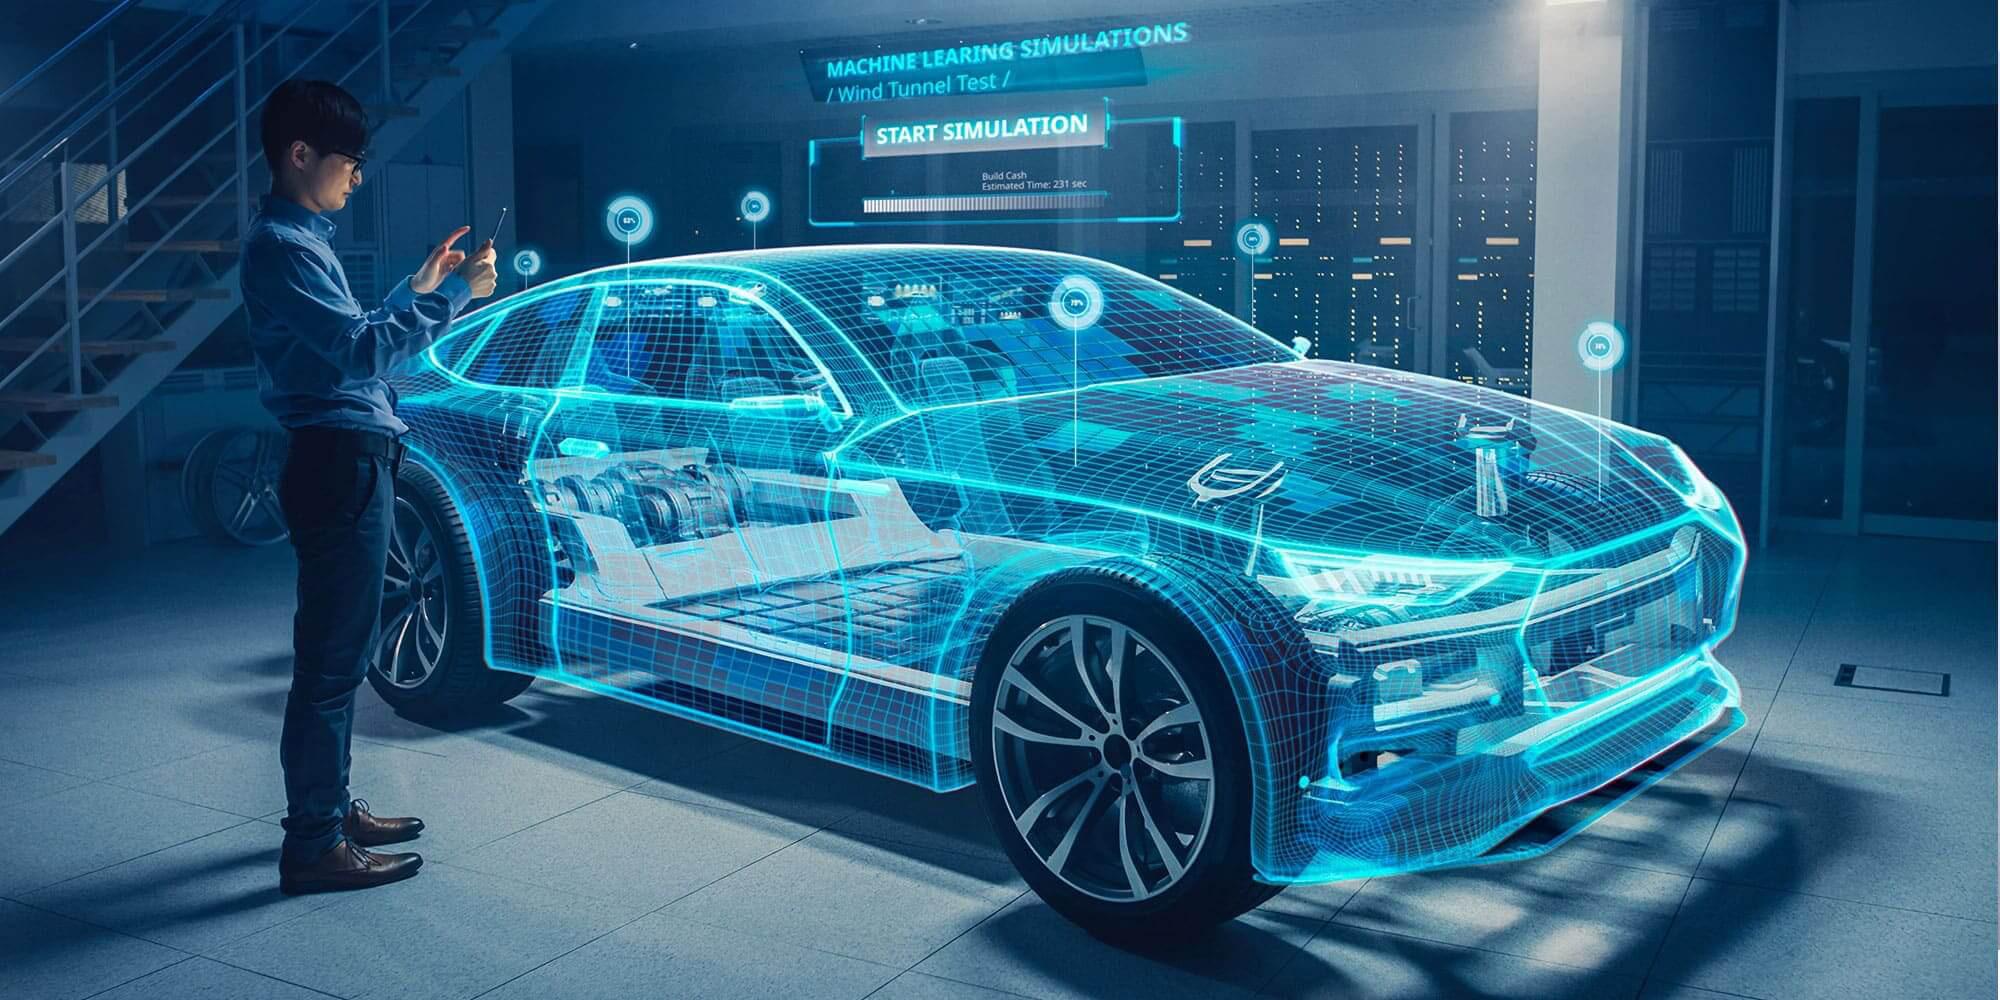 Các công ty như Huawei coi ô tô như một cơ hội mới và đang gấp rút phát triển hệ sinh thái công nghệ của riêng mình sau khi các lệnh trừng phạt của Mỹ. Ảnh: @AFP.